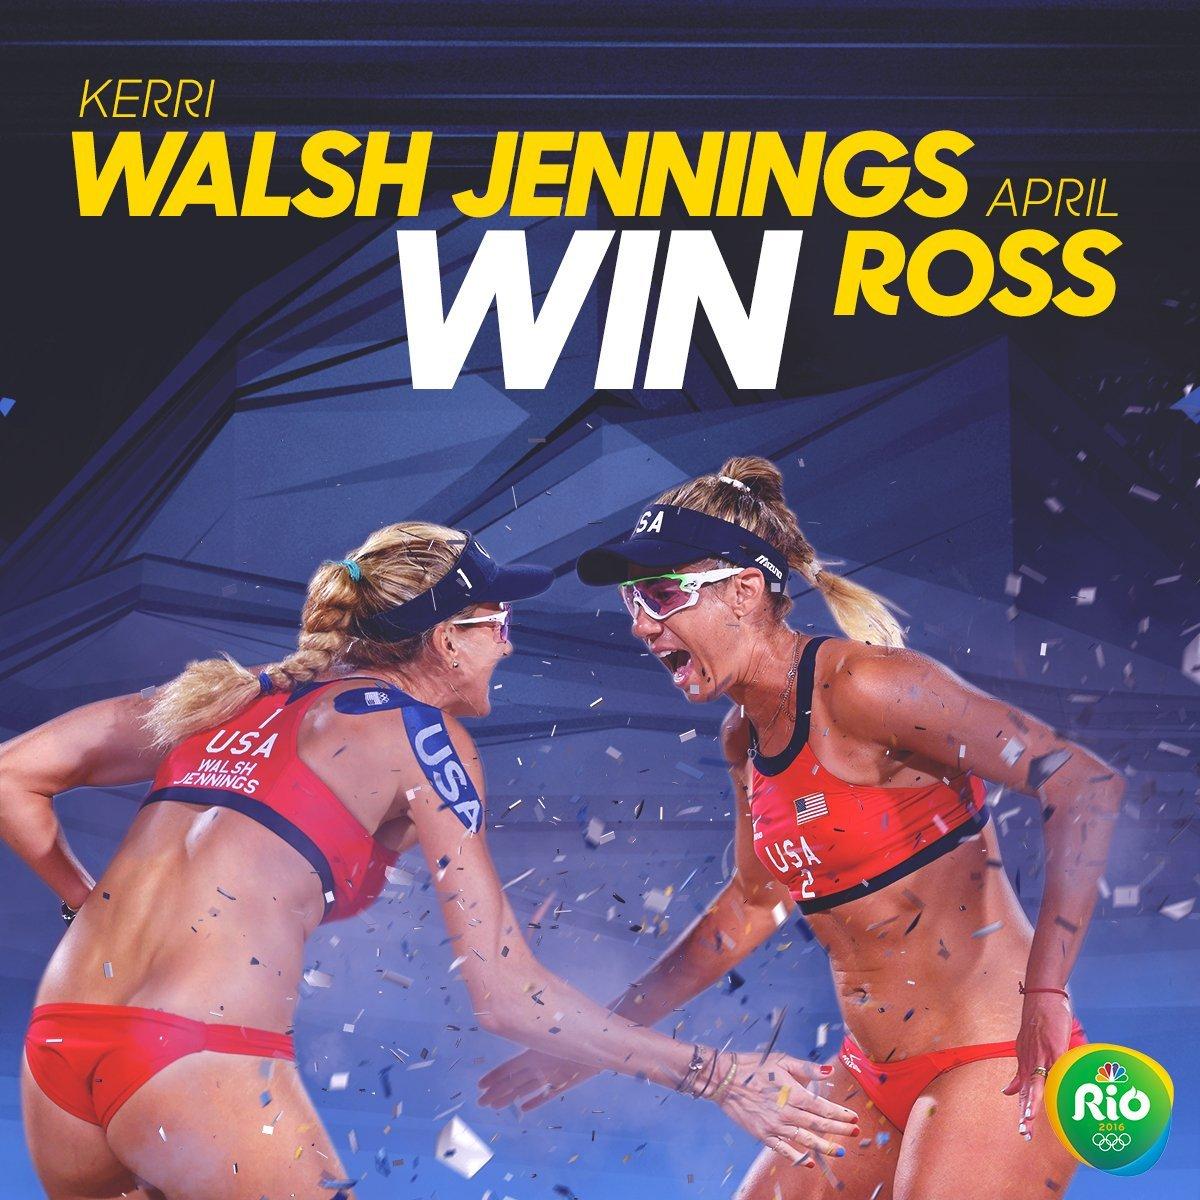 NBC Rio Olympics Walsh Jennings